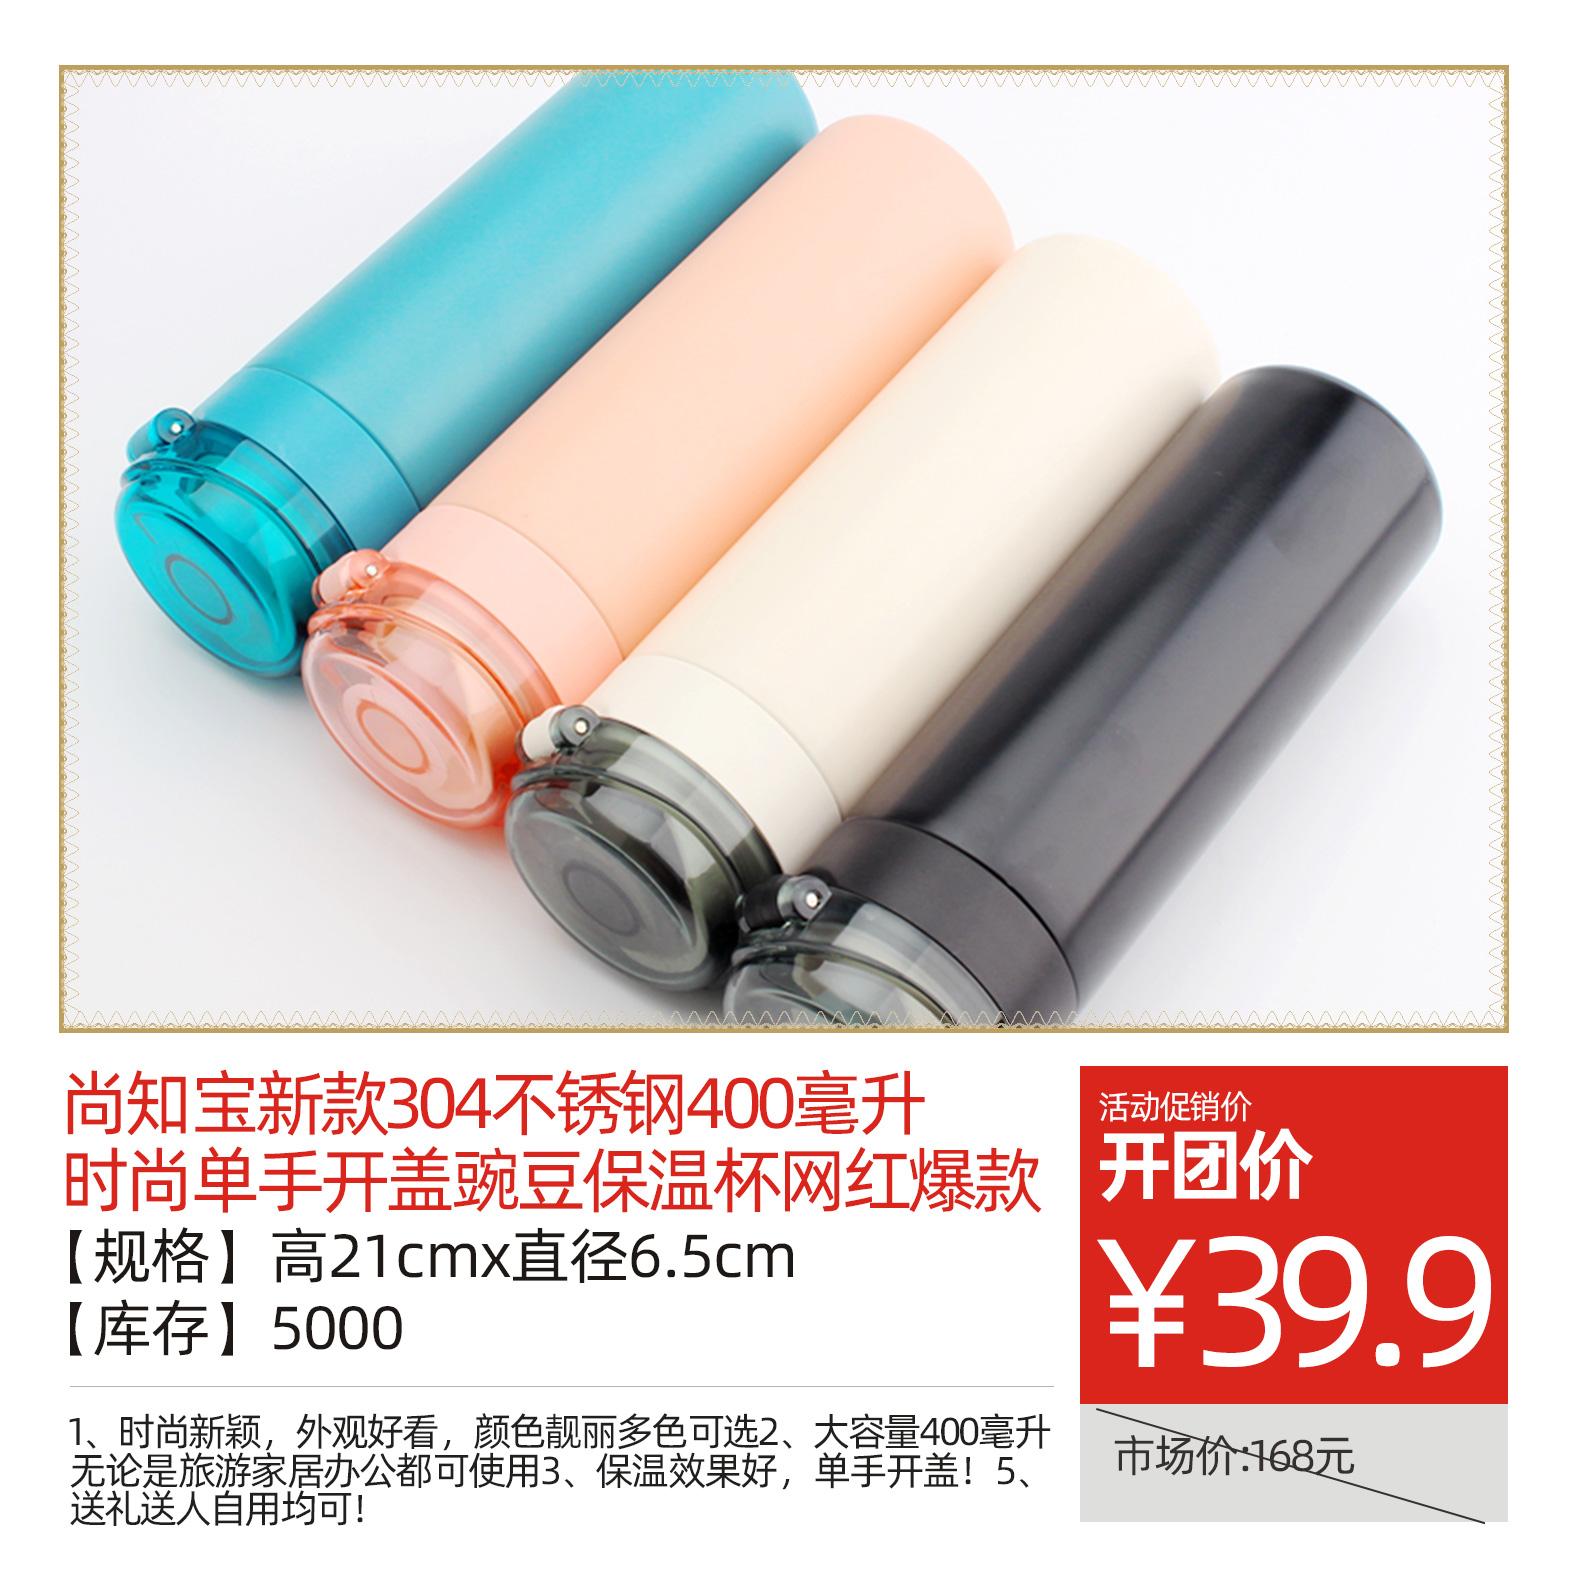 尚知宝新款304不锈钢400毫升时尚单手开盖豌豆保温杯网红爆款